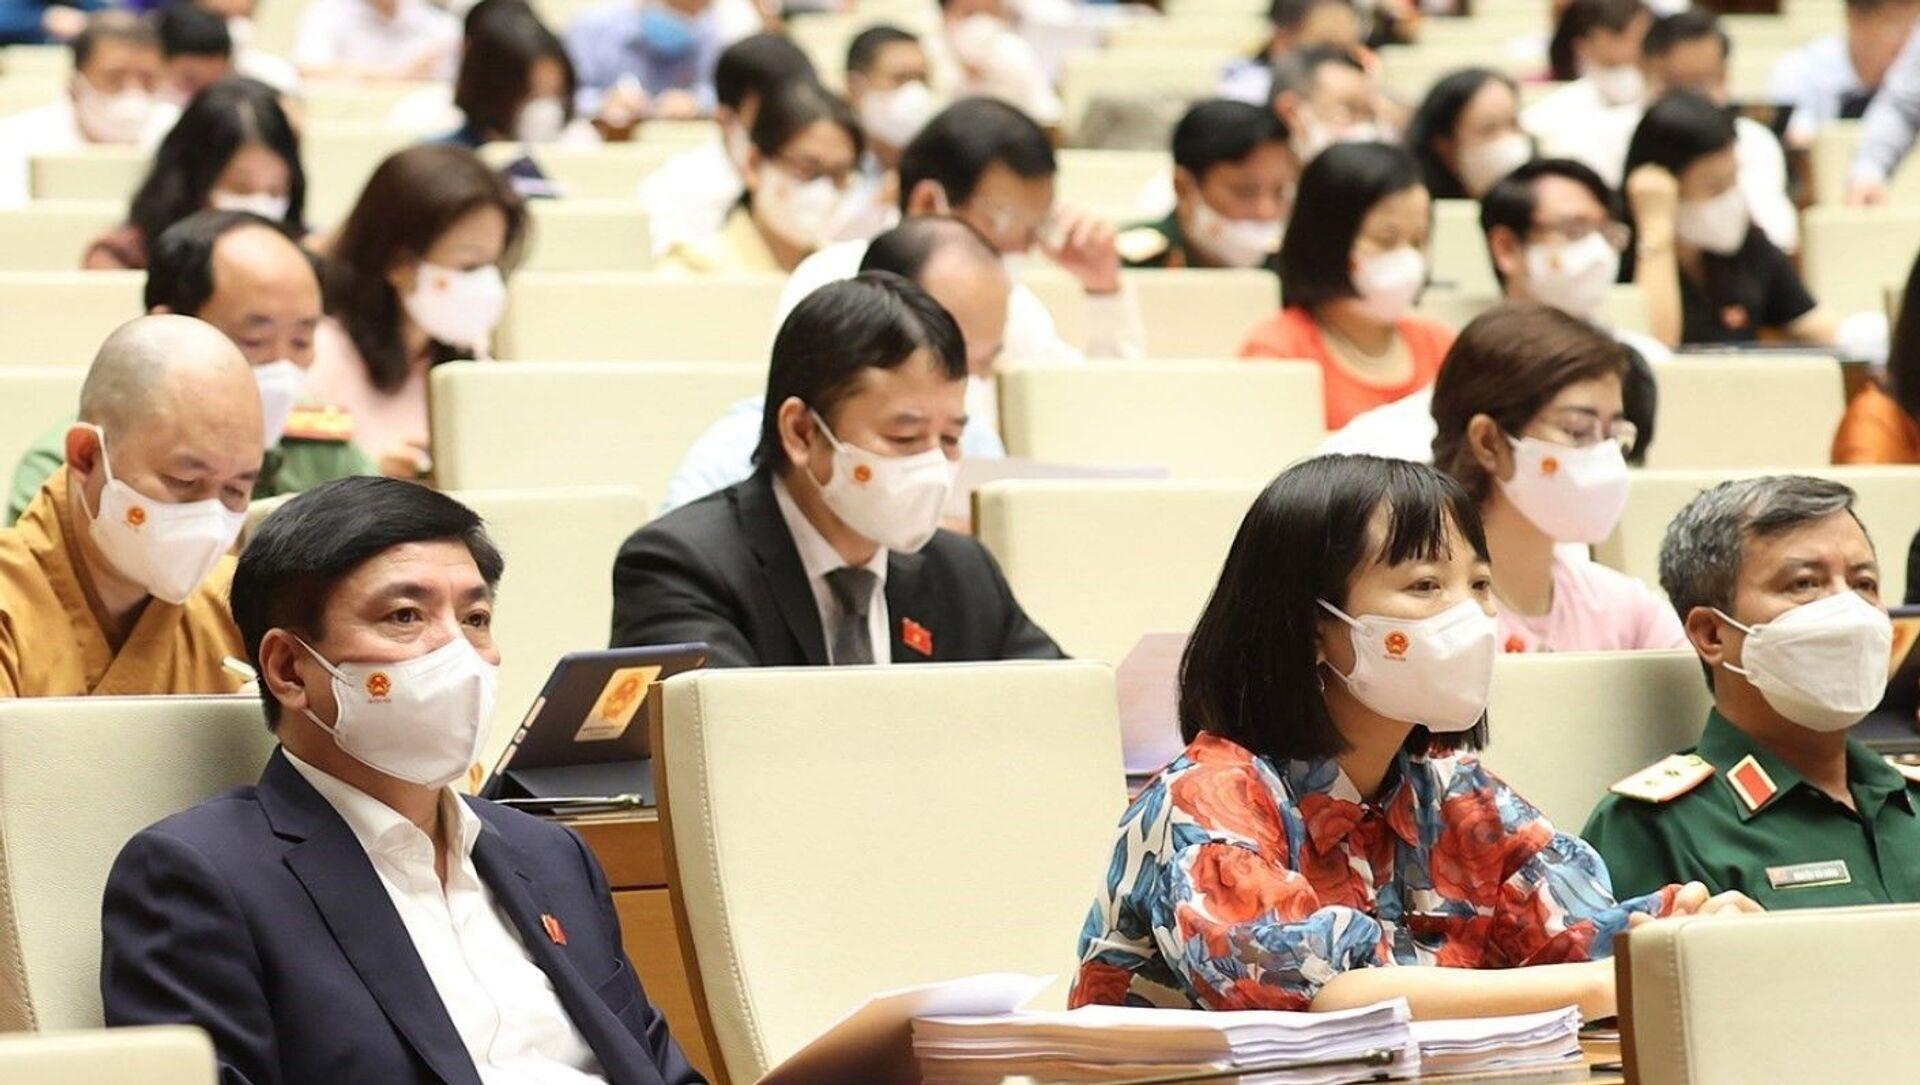 Quốc hội nghe báo cáo về kế hoạch phát triển KT-XH giai đoạn 2021-2025 - Sputnik Việt Nam, 1920, 23.07.2021